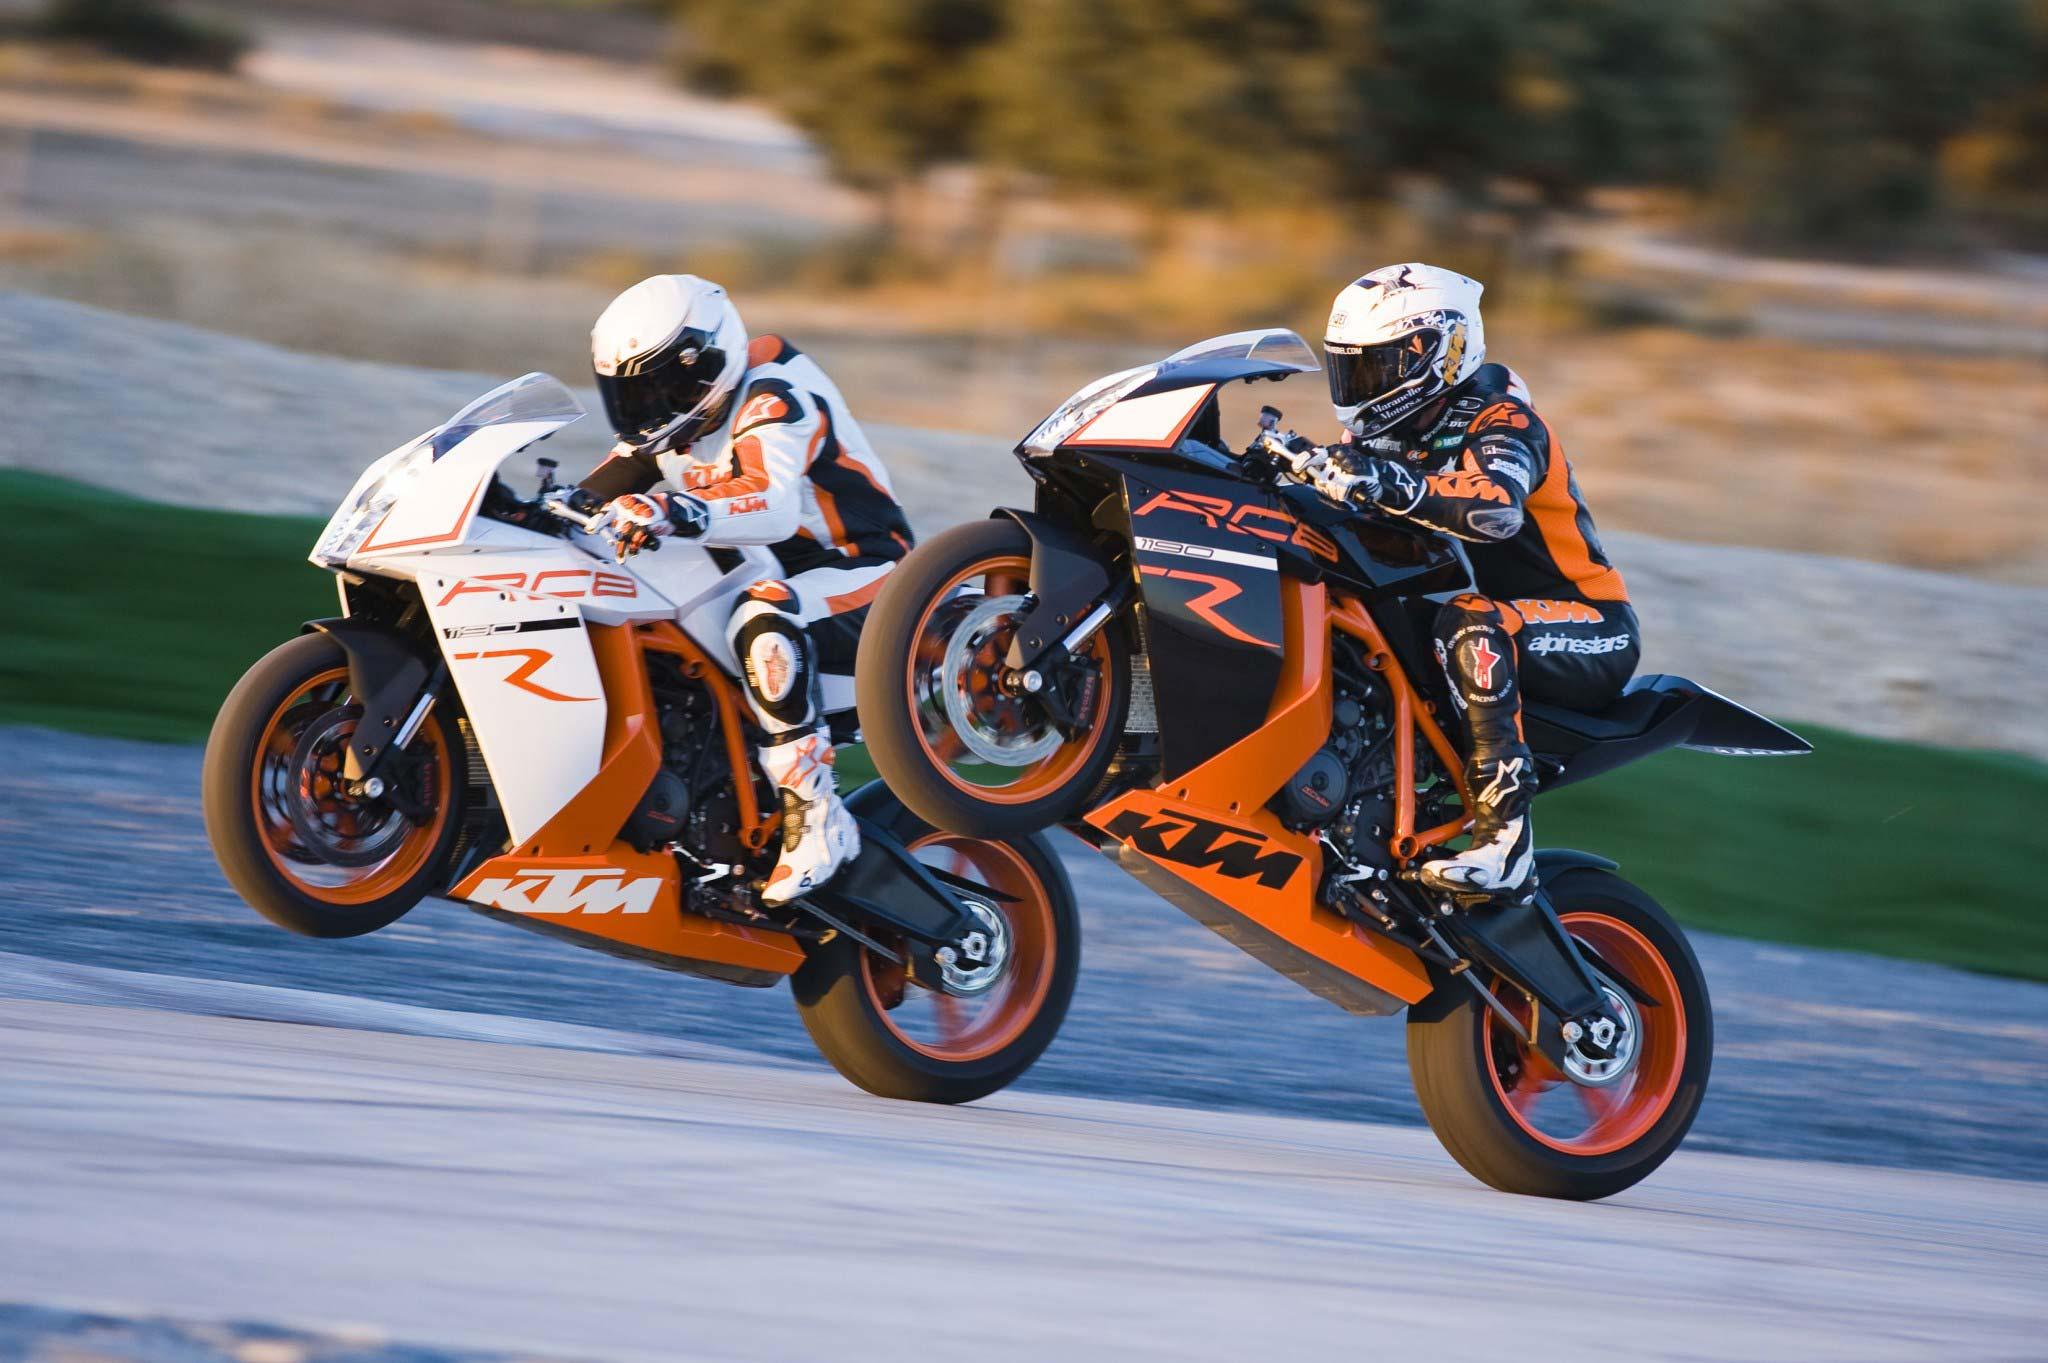 мотоциклы спортивный спорт  № 1566519 бесплатно